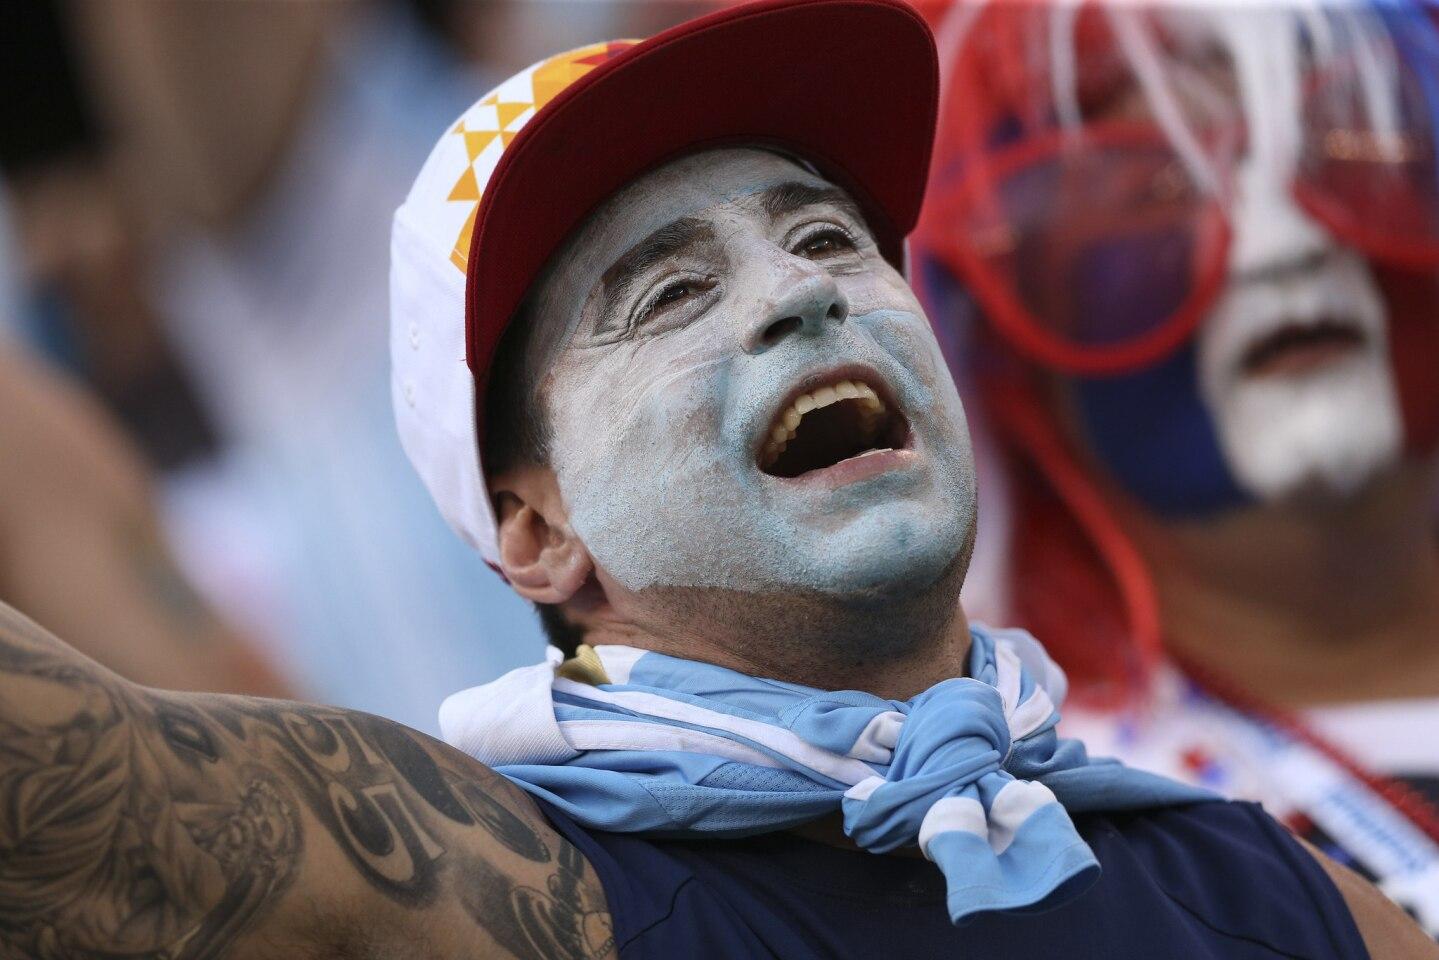 NJY105. EAST RUTHERFORD, (NJ, EE.UU.), 26/06/2016.- Un seguidor de Argentina anima a su equipo hoy, Domingo 26 de junio de 2016, previo al partido final de la Copa América Centenario, entre las selecciones de Argentina y Chile, en el estadio MetLife de East Rutherford, Nueva Jersey (EE.UU.). EFE/David Fernández ** Usable by HOY and SD Only **